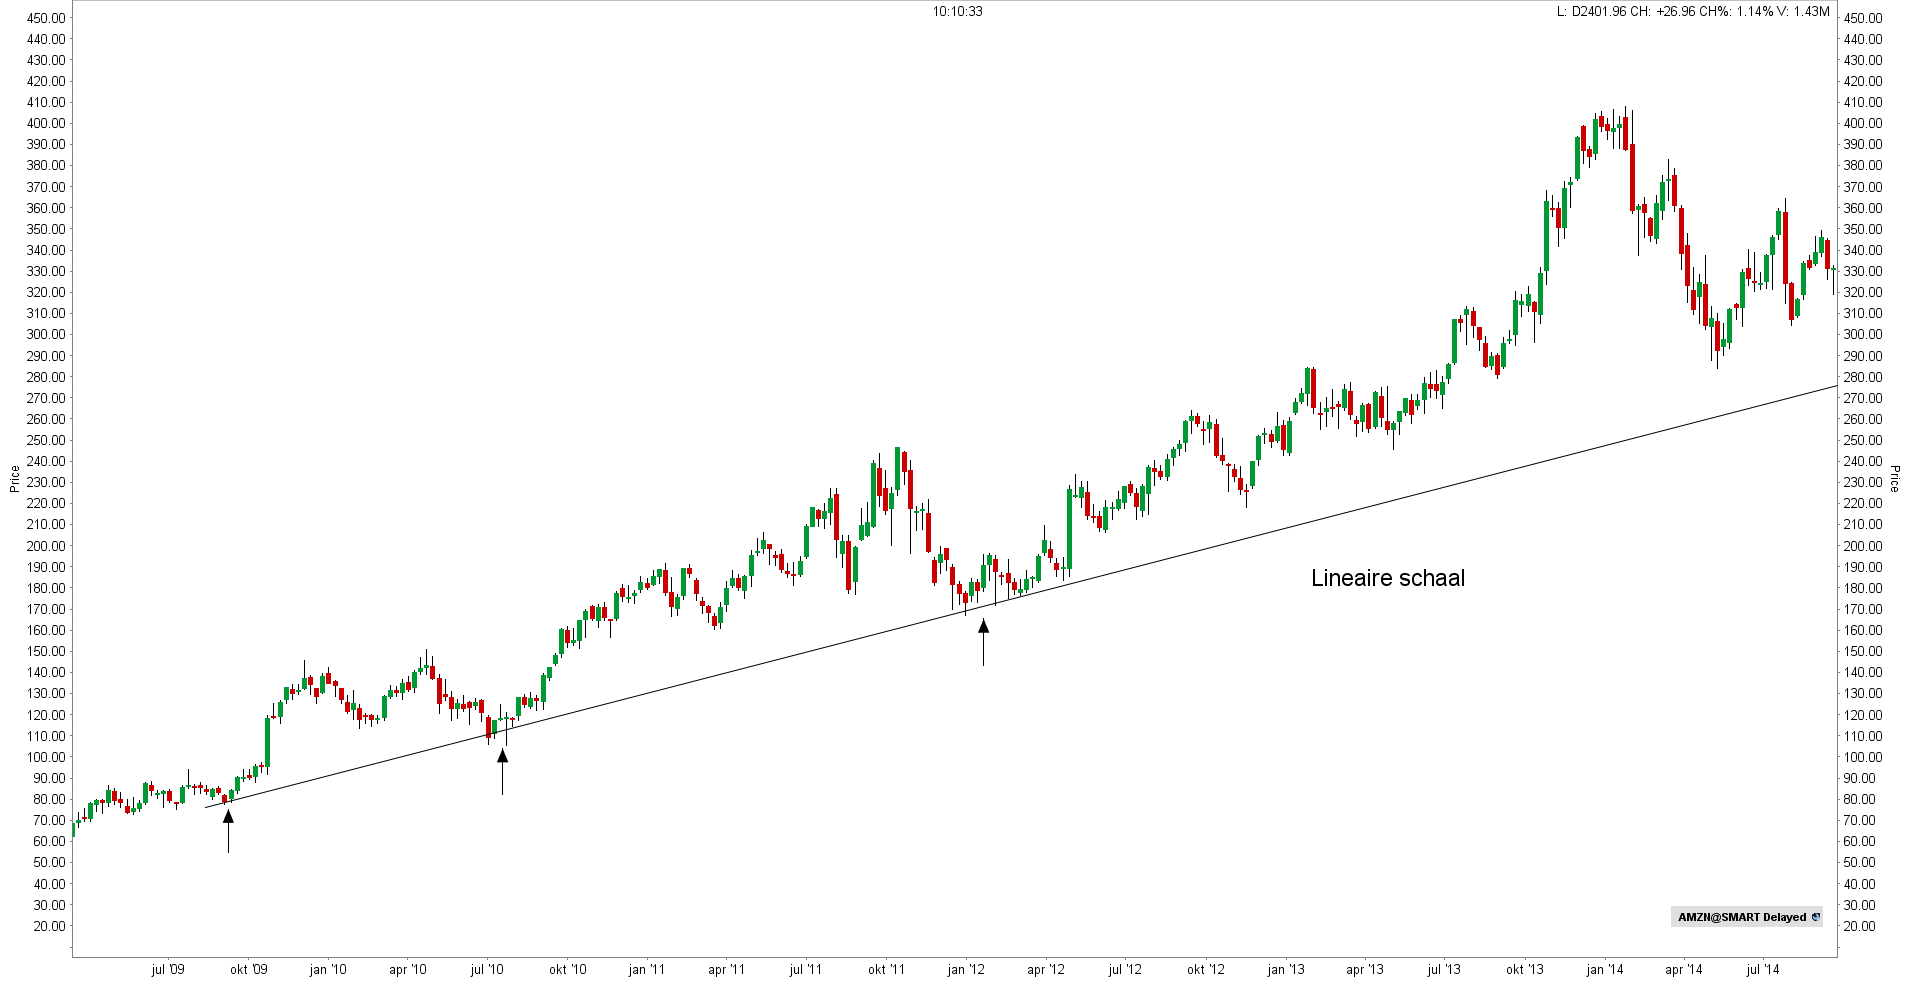 Trendlijn met lineaire schaal